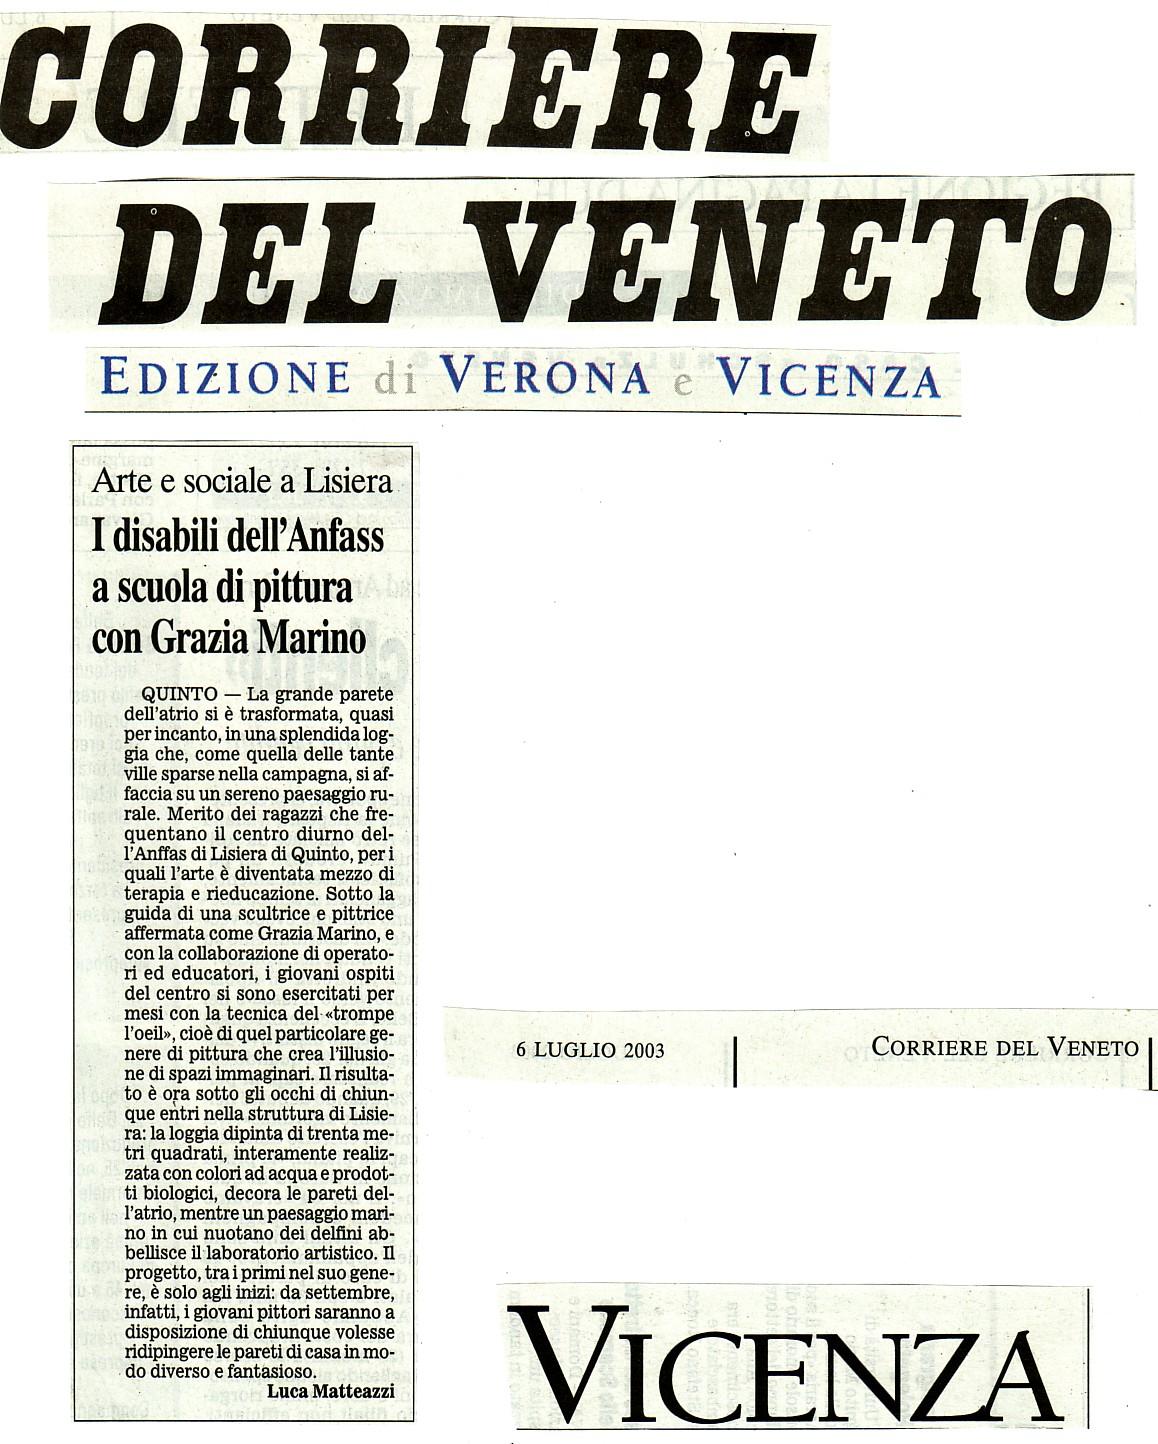 Corriere del Veneto  lug.'03-di L.Matteazzi